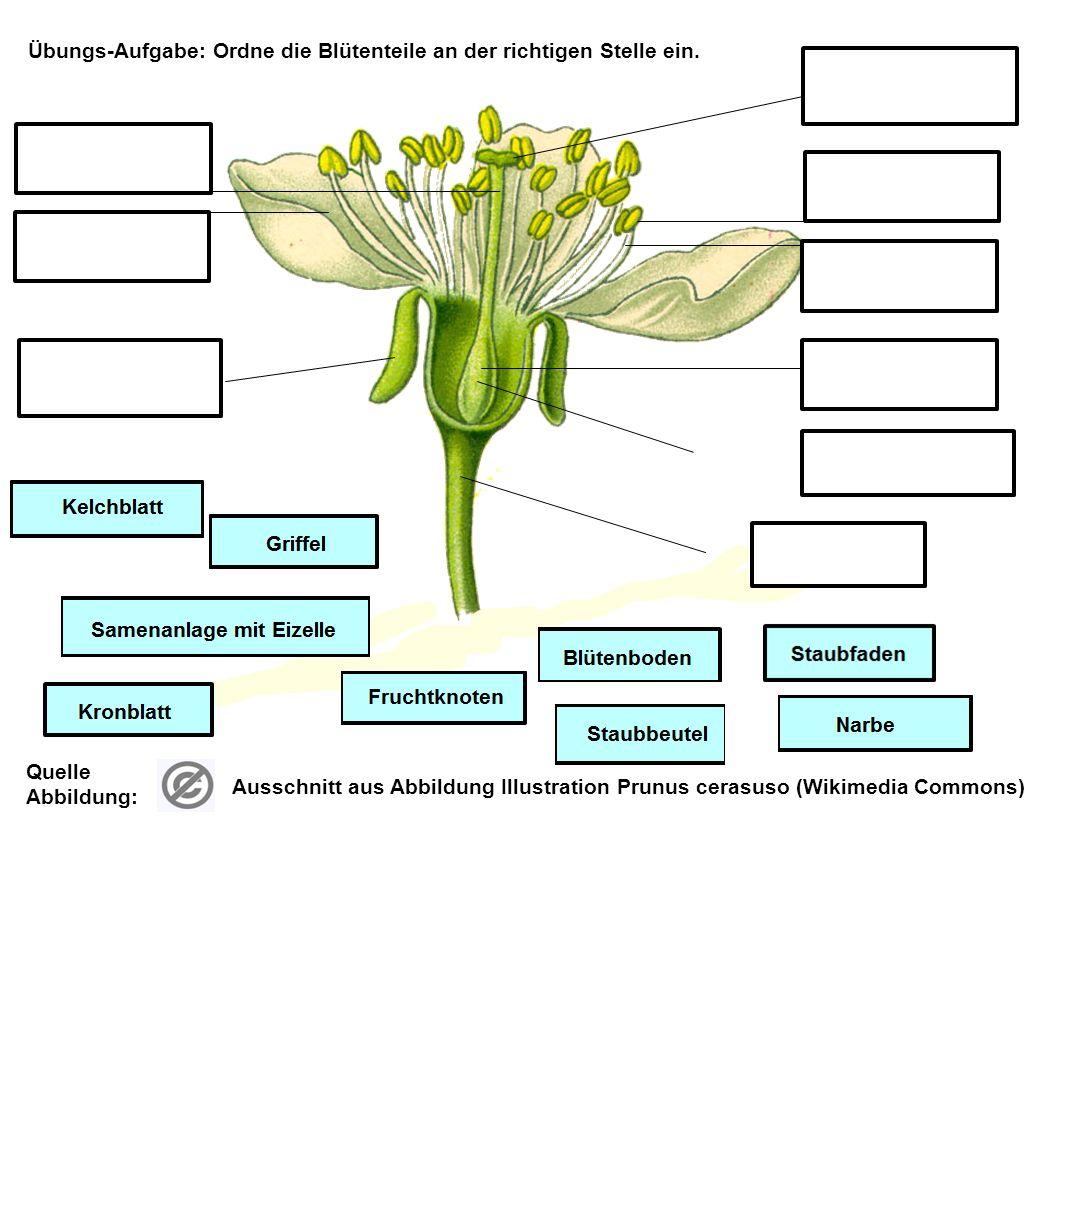 Übungs-Aufgabe: Schreibe die Blütenteile per Hand oder Tastatur unten auf die Folie und ziehe die Bezeichnunen in die r ichtigen Beschriftungsfelder.